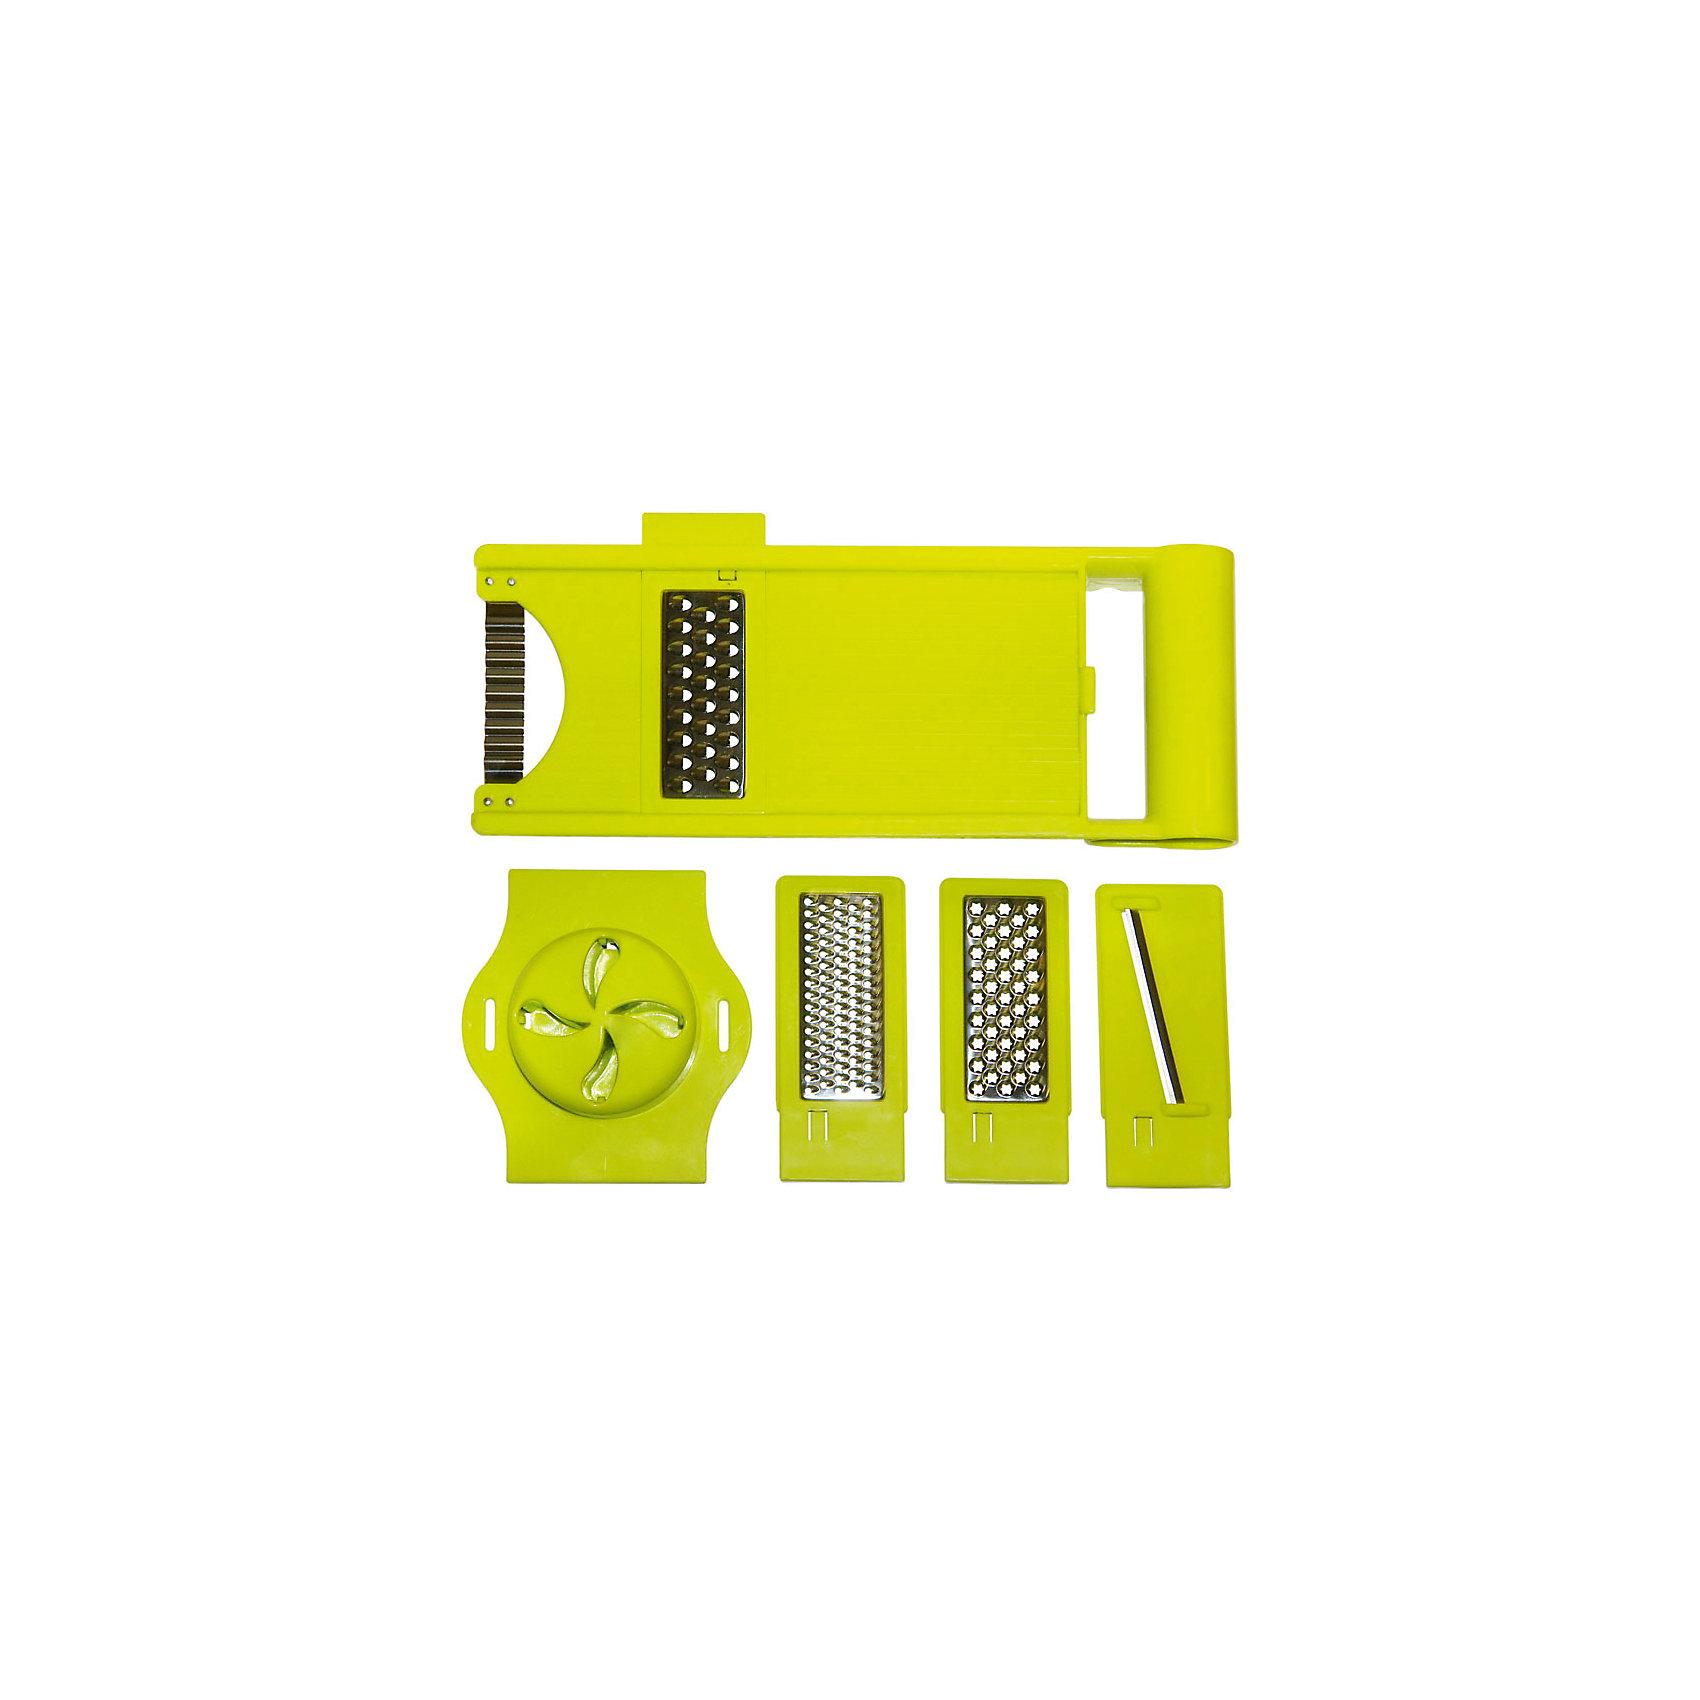 Терка GR-122 с 4 насадками, MallonyБытовая техника для кухни<br>Терка имеет пластиковую платформу, ручку и ножи из нержавеющей стали. Терка укомплектована 4 сменными насадками. Насадки крепятся к основанию терки, раздается щелчок - терка готова к использованию. Терка имеет прямоугольную форму, не скользит по поверхности стола.<br><br>Дополнительная информация:<br><br>Размер: 31,2х13,7х6,7 см<br>Материал: нержавеющая сталь, пластик<br><br>Терку GR-122 с 4 насадками, Mallony можно купить в нашем интернет-магазине.<br><br>Ширина мм: 312<br>Глубина мм: 118<br>Высота мм: 45<br>Вес г: 481<br>Возраст от месяцев: 216<br>Возраст до месяцев: 1080<br>Пол: Унисекс<br>Возраст: Детский<br>SKU: 4989841